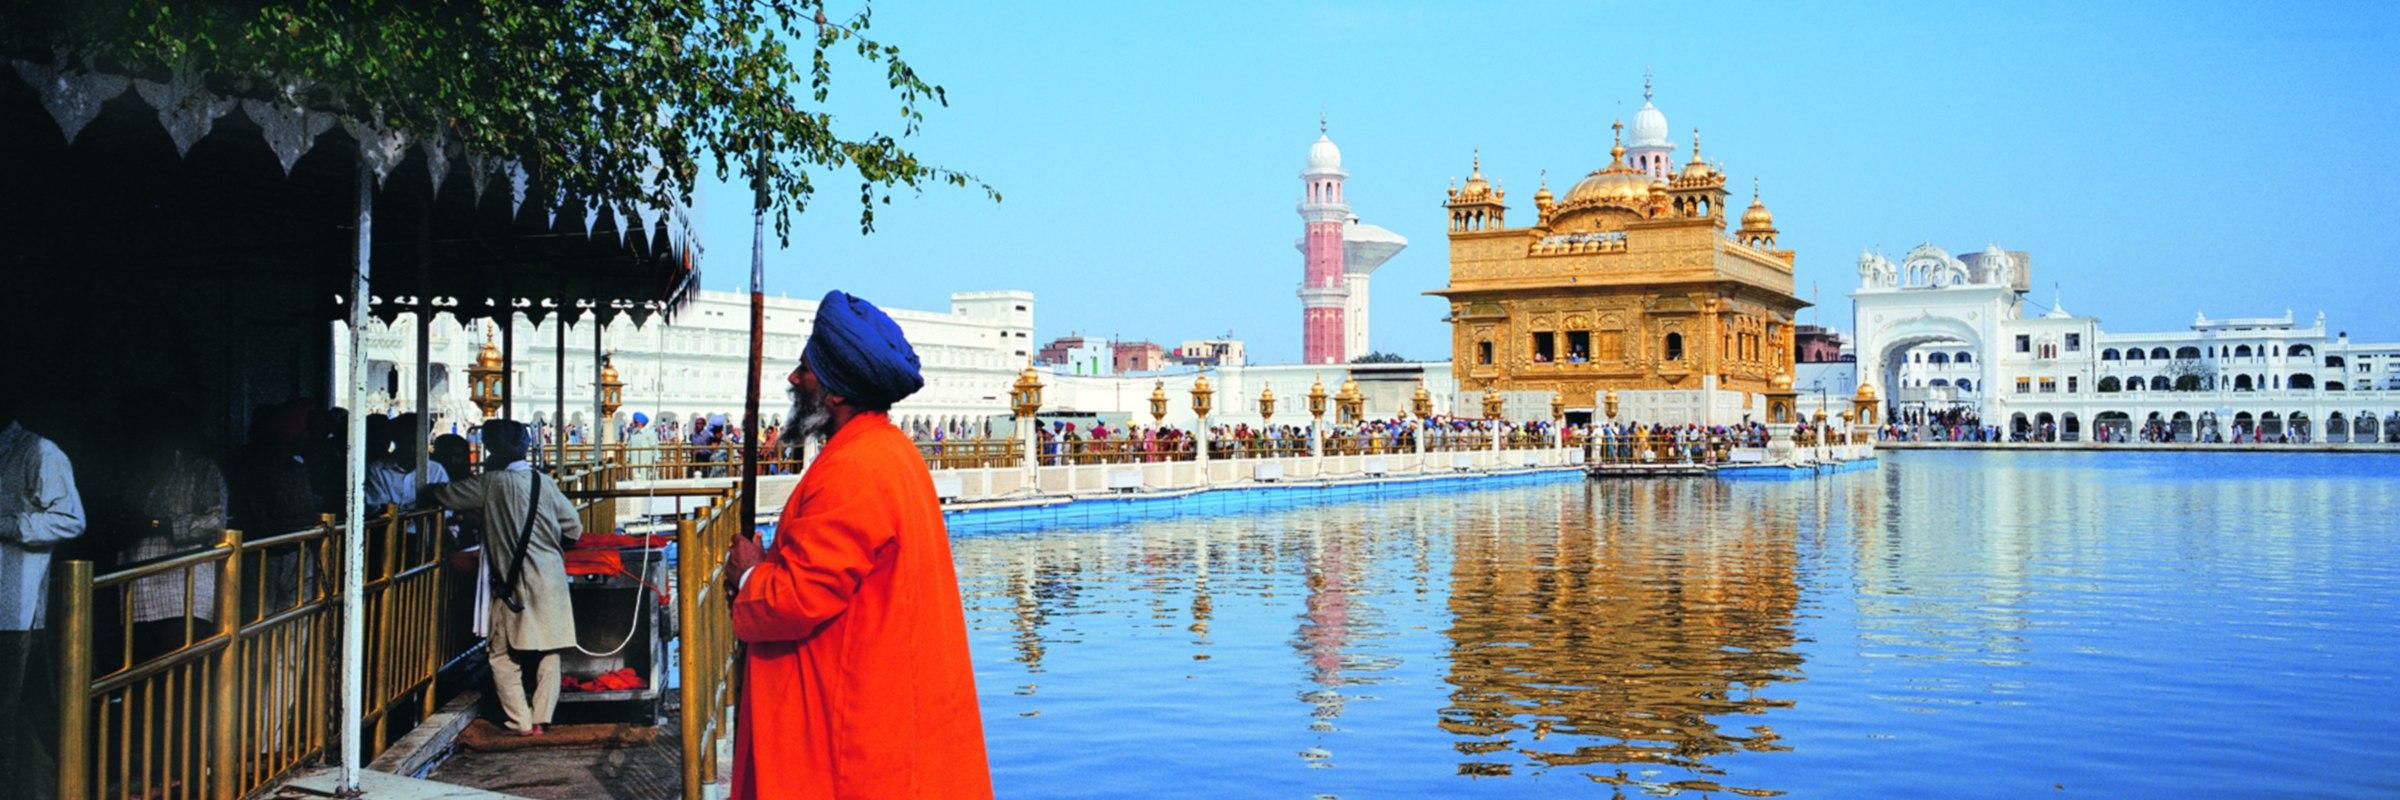 Der Goldene Tempel ist in Amritsar im indischen Bundesstaat Punjab das höchste Heiligtum der Sikhs.